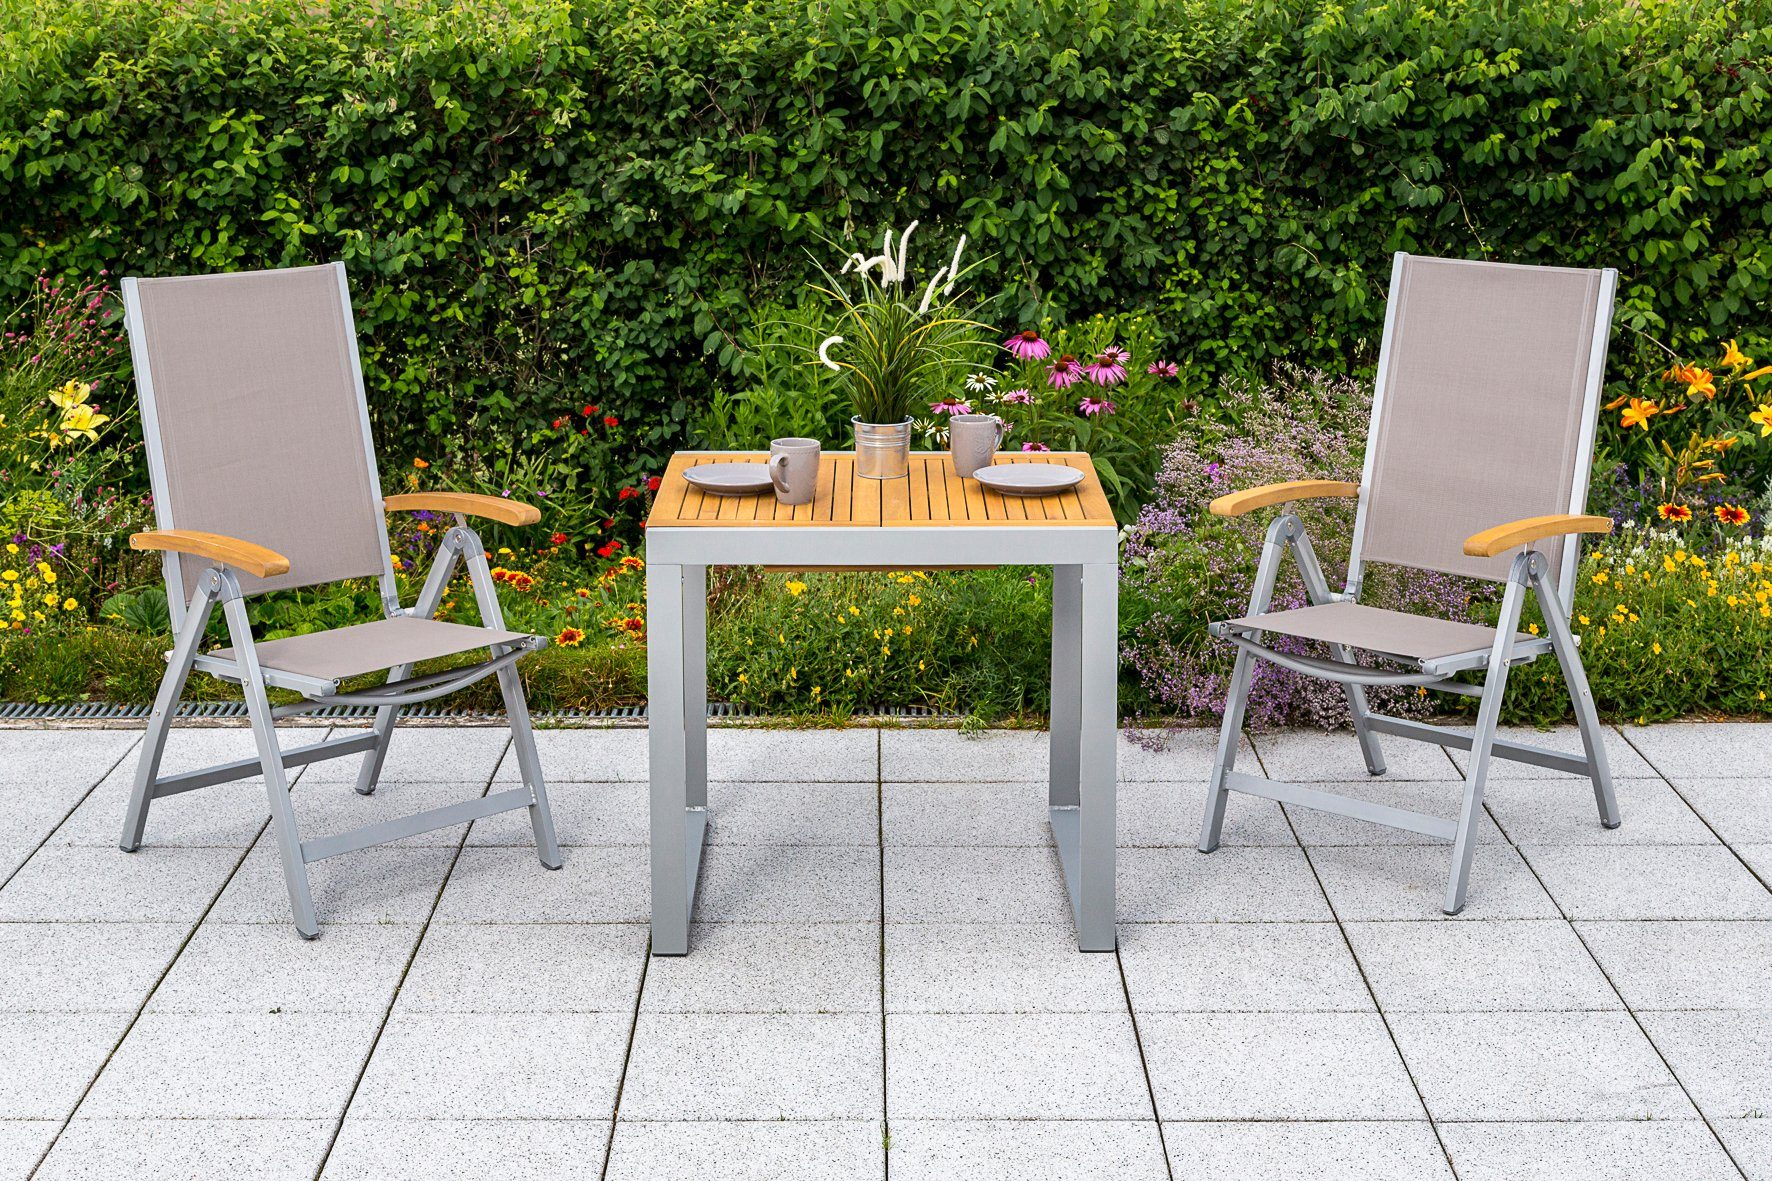 MERXX Gartenmöbelset »Naxos«, 3tlg., 2 Sessel, Tisch, klappbar, ausziehbar, Akazien